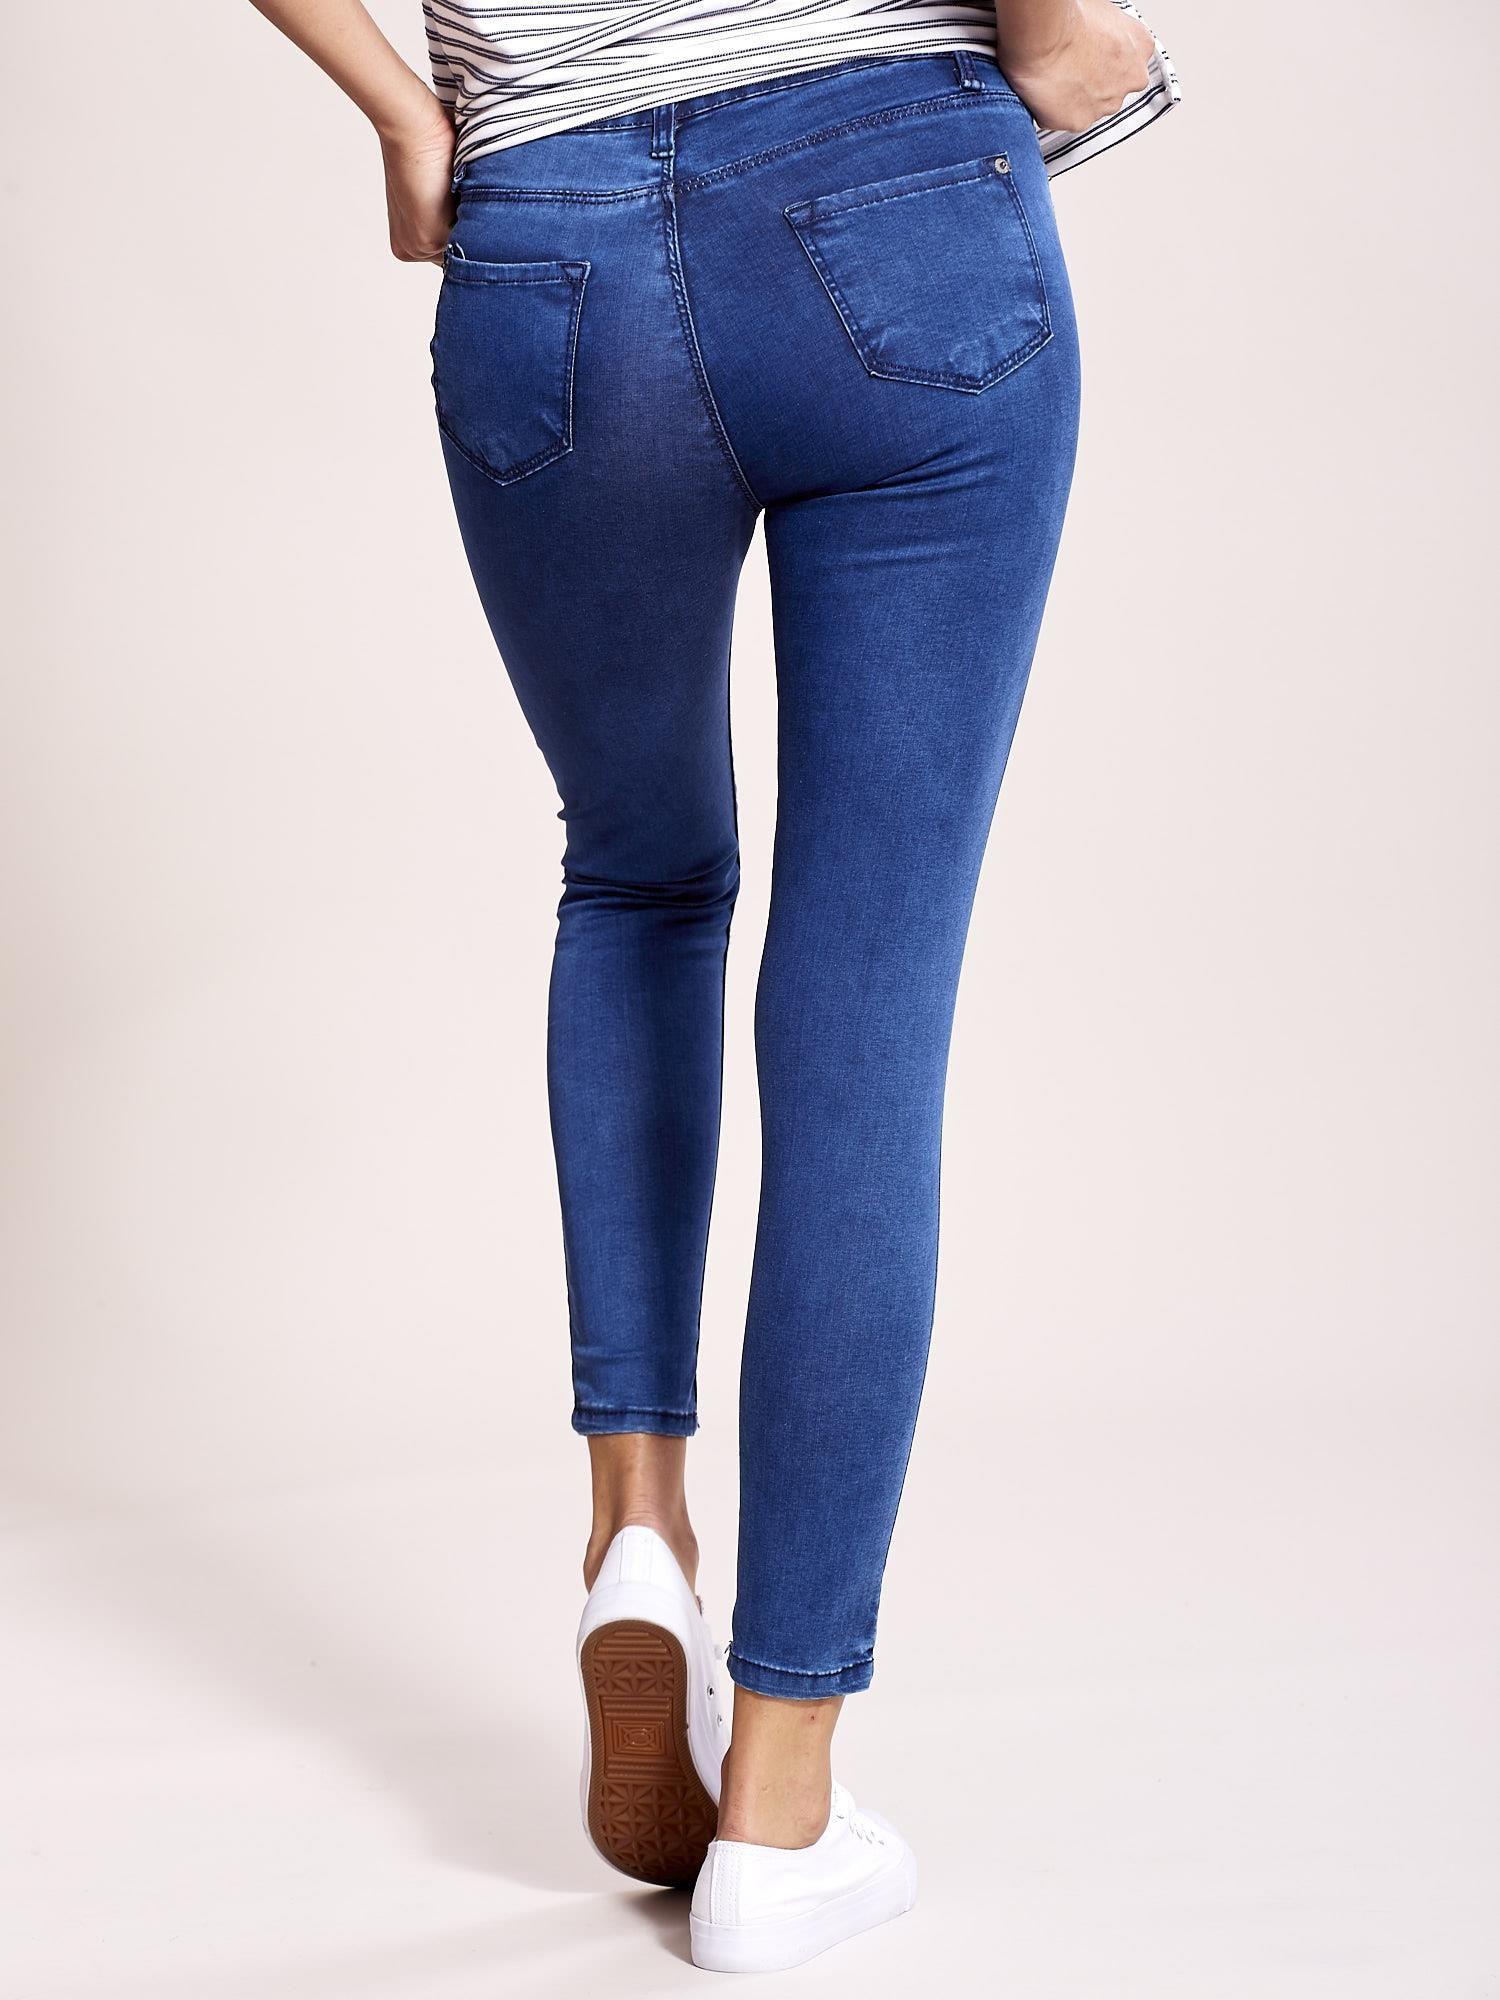 67f8b7f289b812 Niebieskie jeansy slim fit z wysokim stanem - Spodnie jeansowe - sklep  eButik.pl